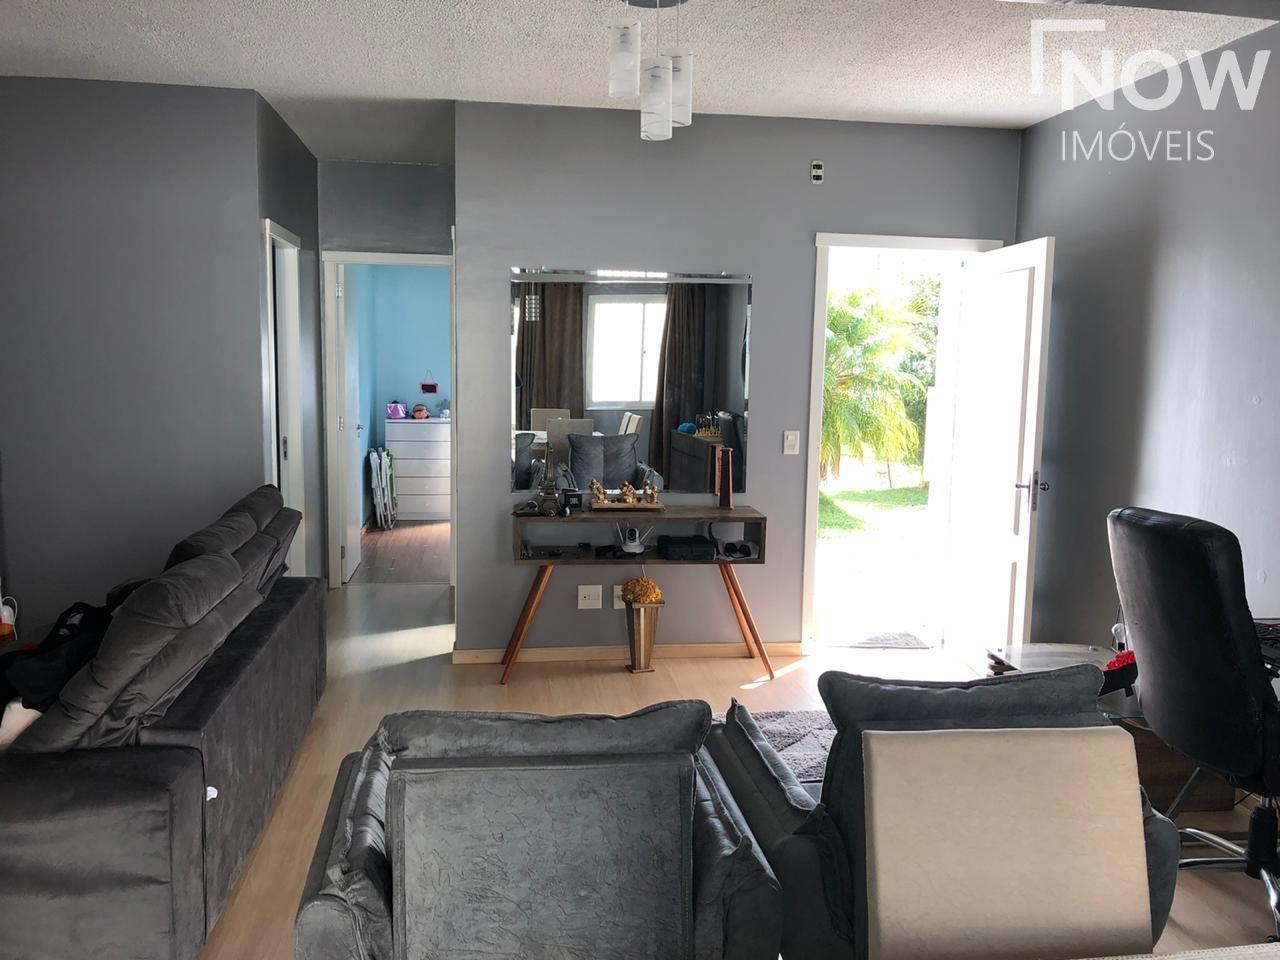 Casa em condomínio à venda  no Três Vendas - Pelotas, RS. Imóveis